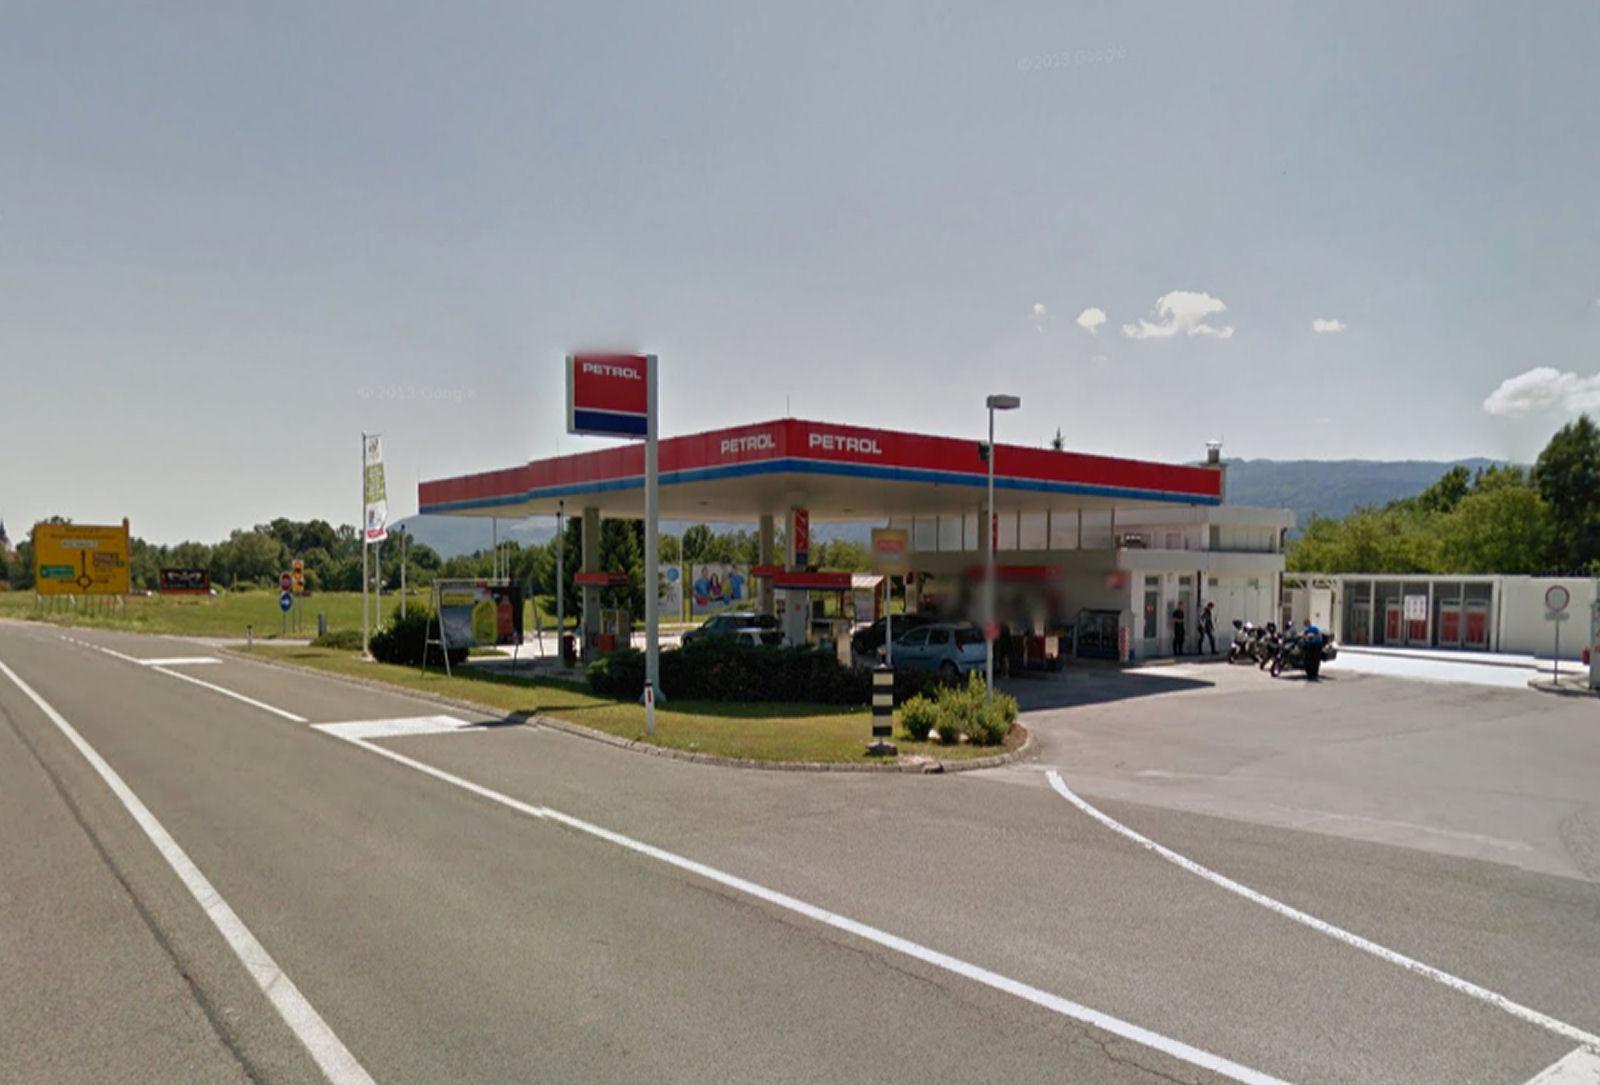 Petrol Lesce gas station, Slovenia